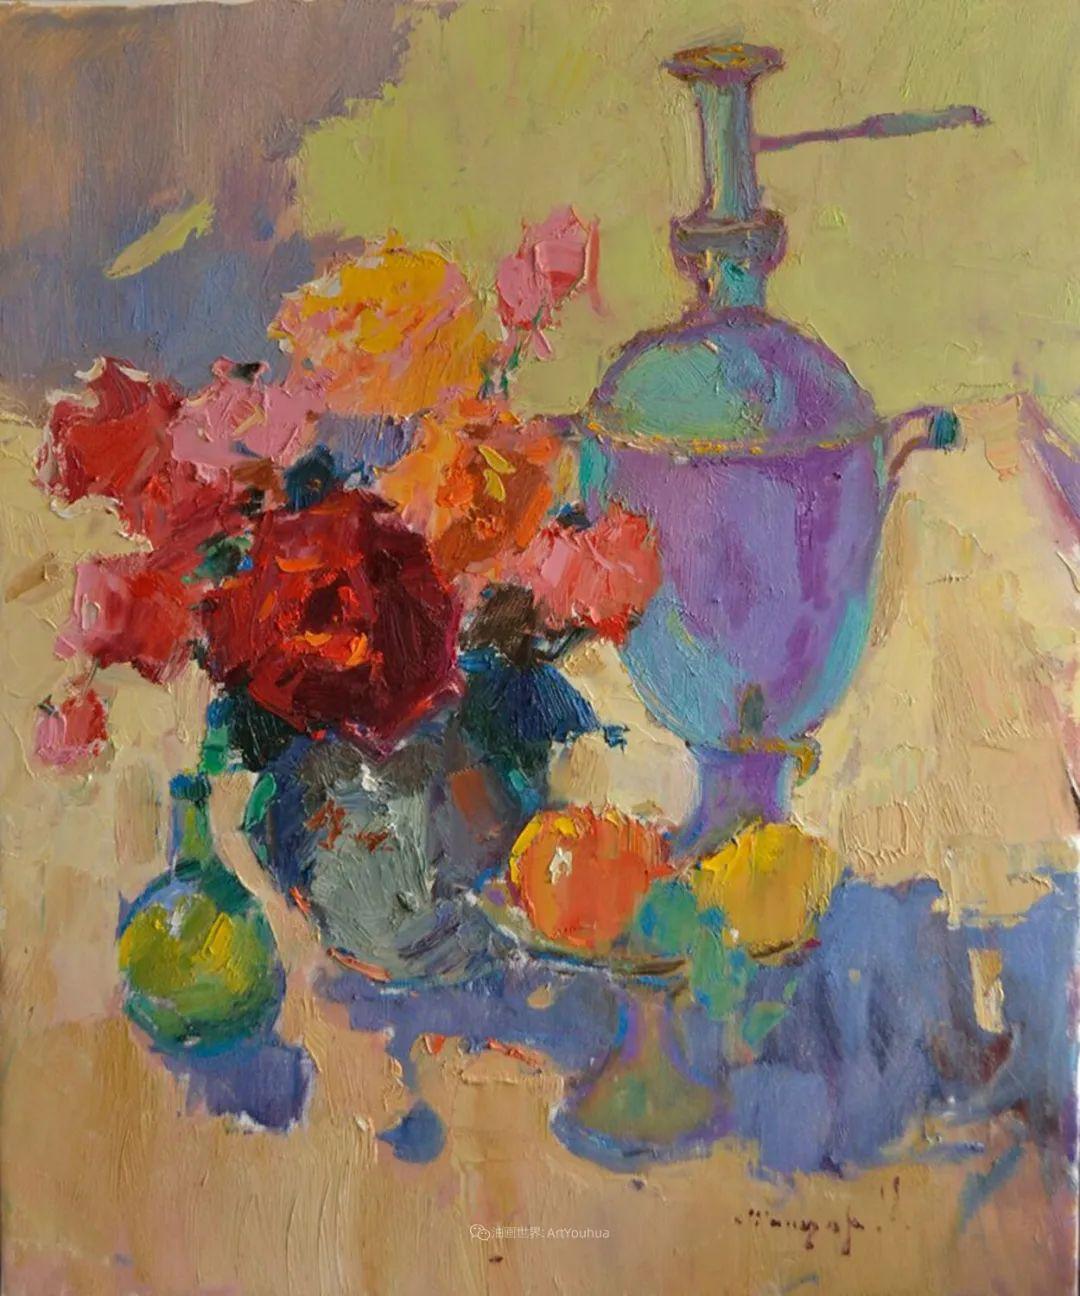 冷暖的色彩碰撞,迷人的静物与花卉作品!插图43